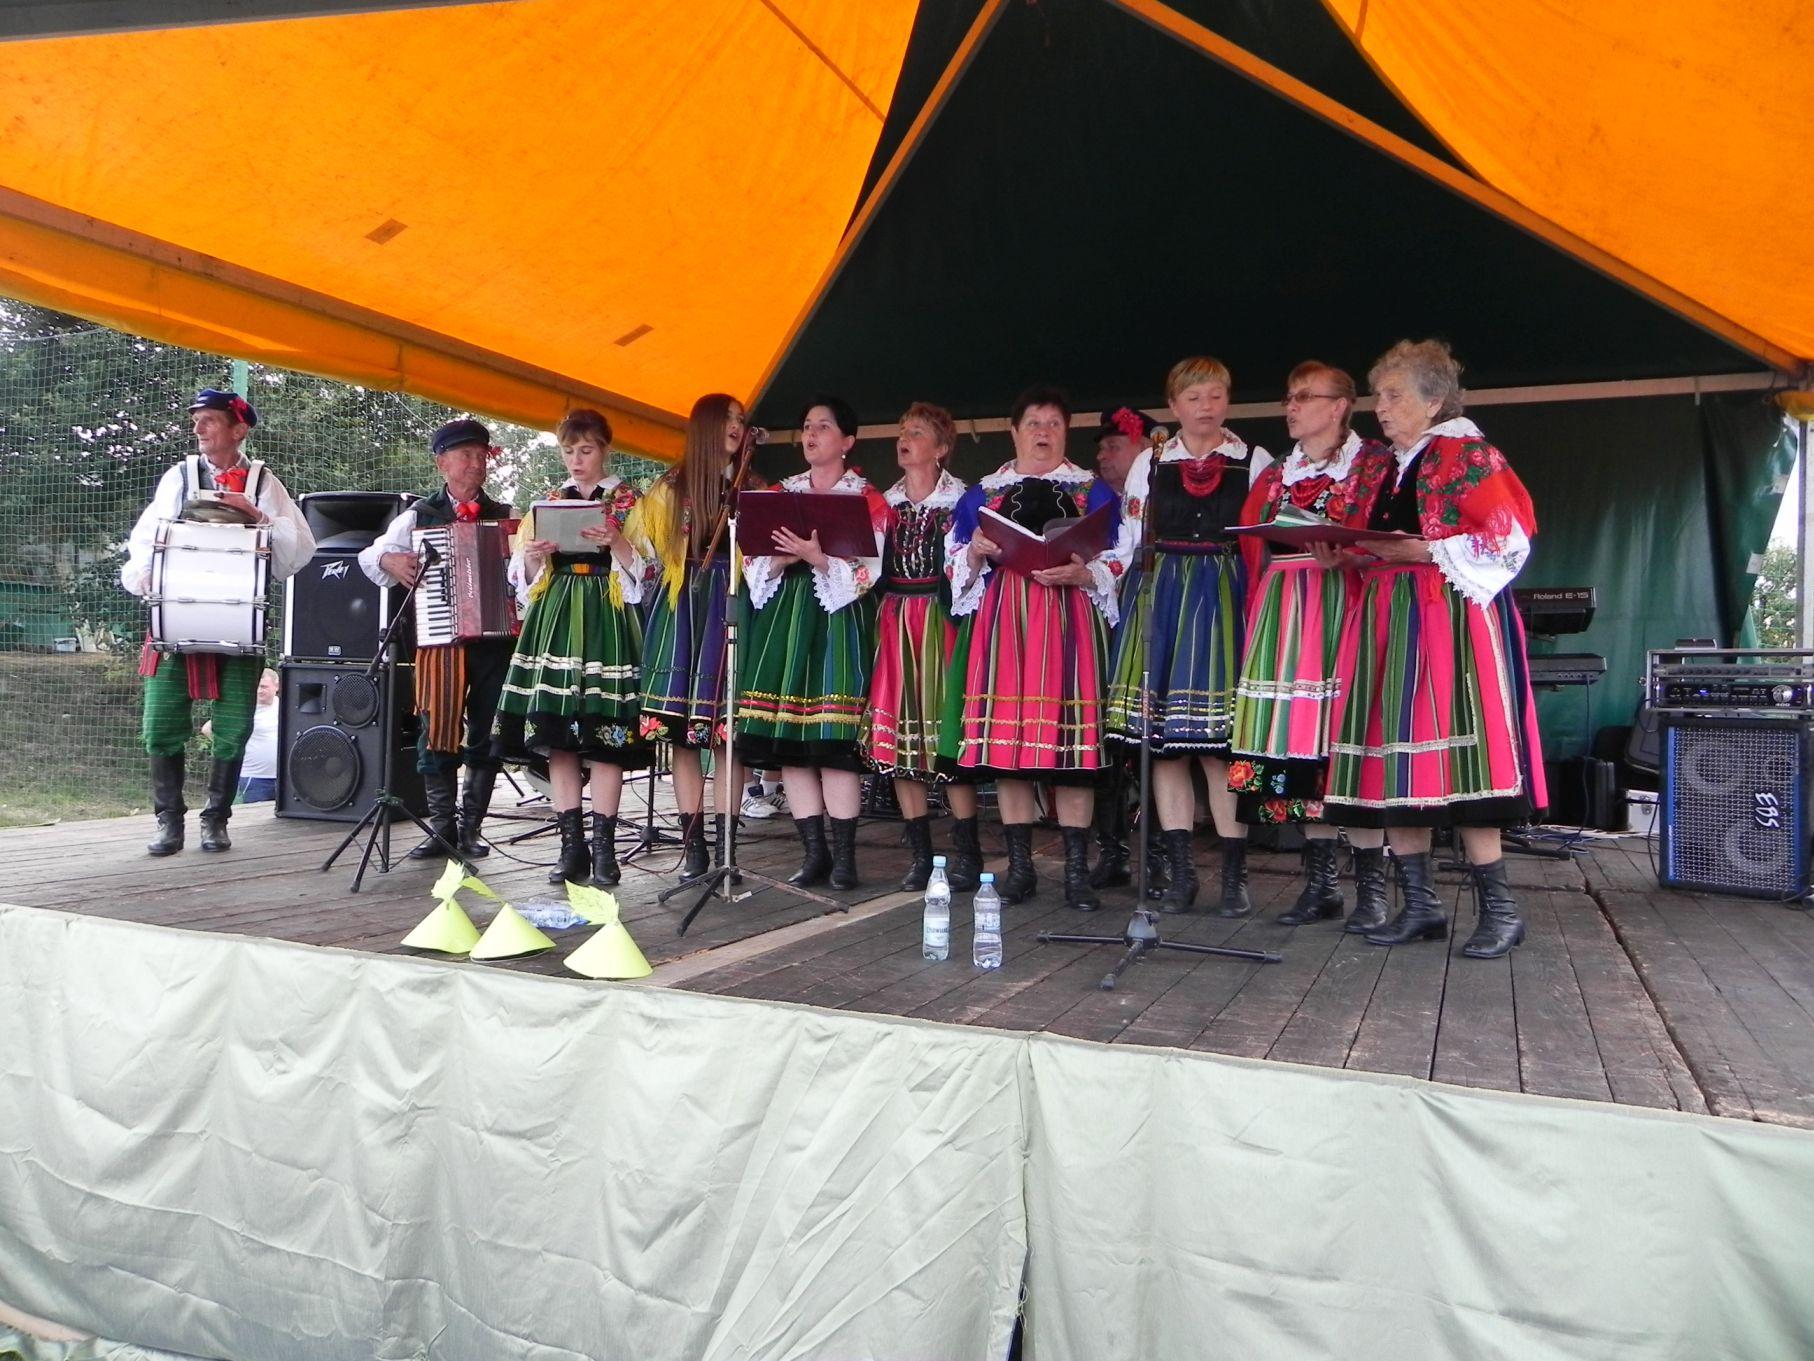 2013-08-13 Piknik w Regnowie (75)